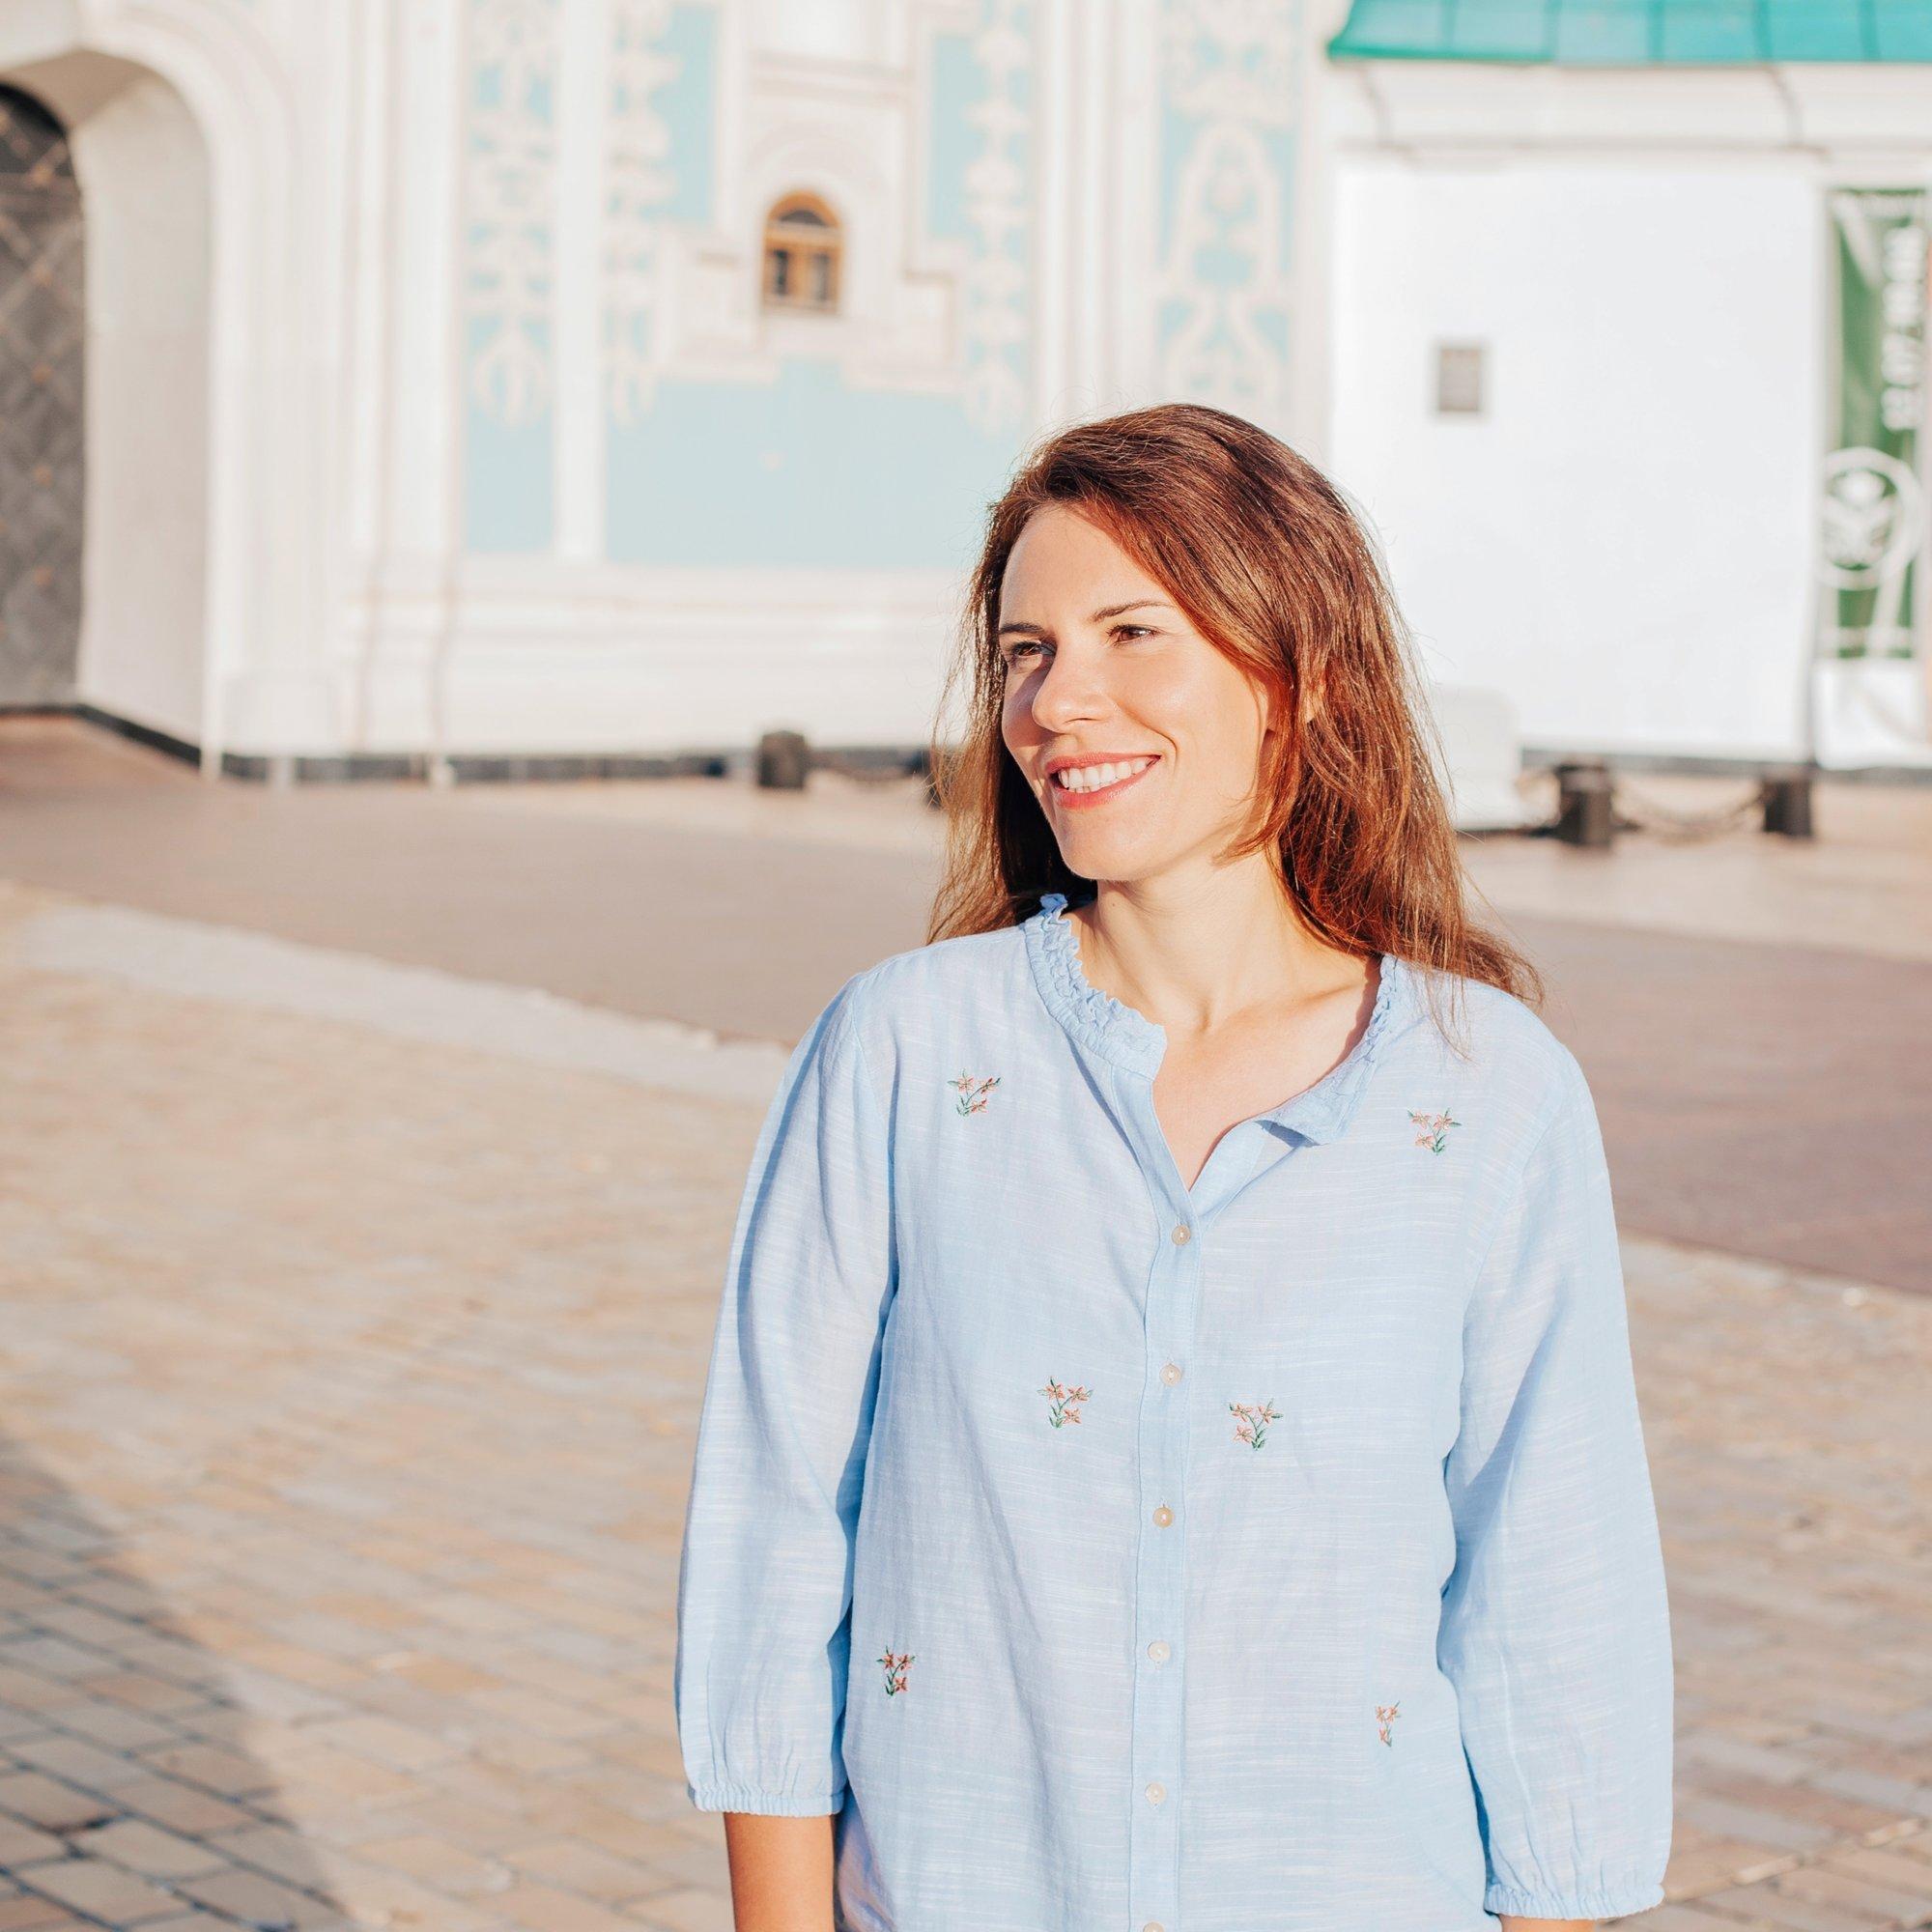 Этот город невозможно постичь до конца: интервью с киевским экскурсоводом Галиной Радевич